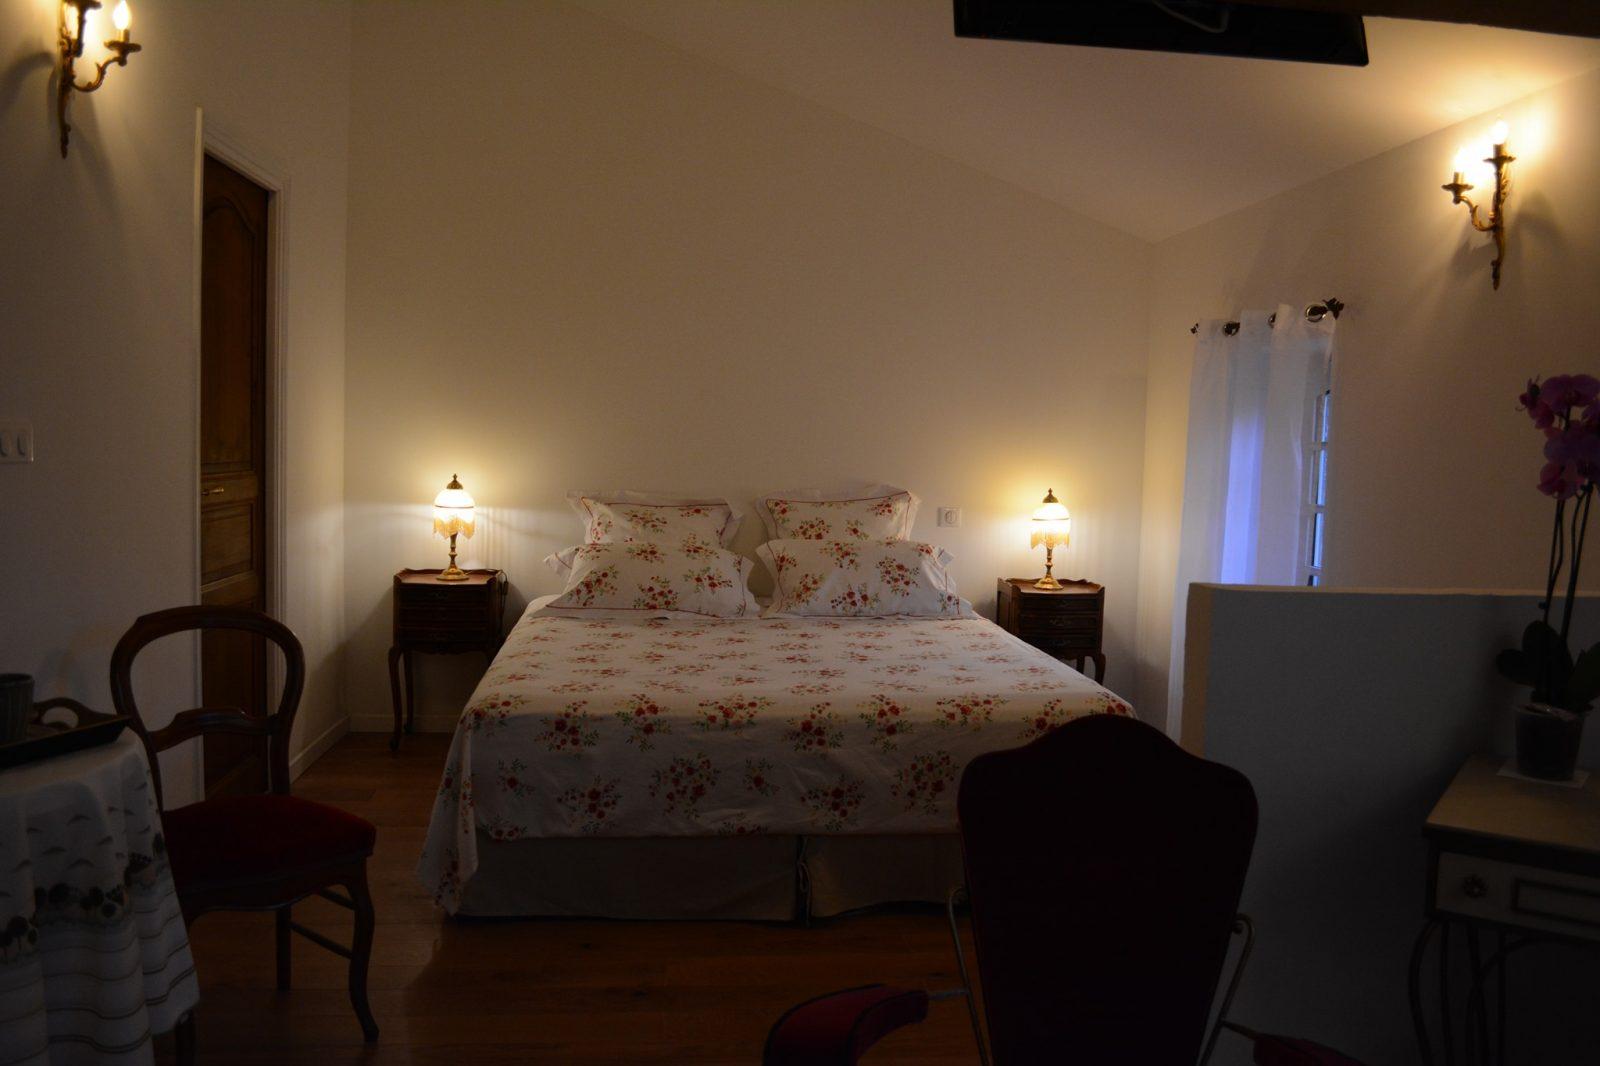 Chambres d'Hôtes Les Nuits du Pastelier – Teulat – Tarn